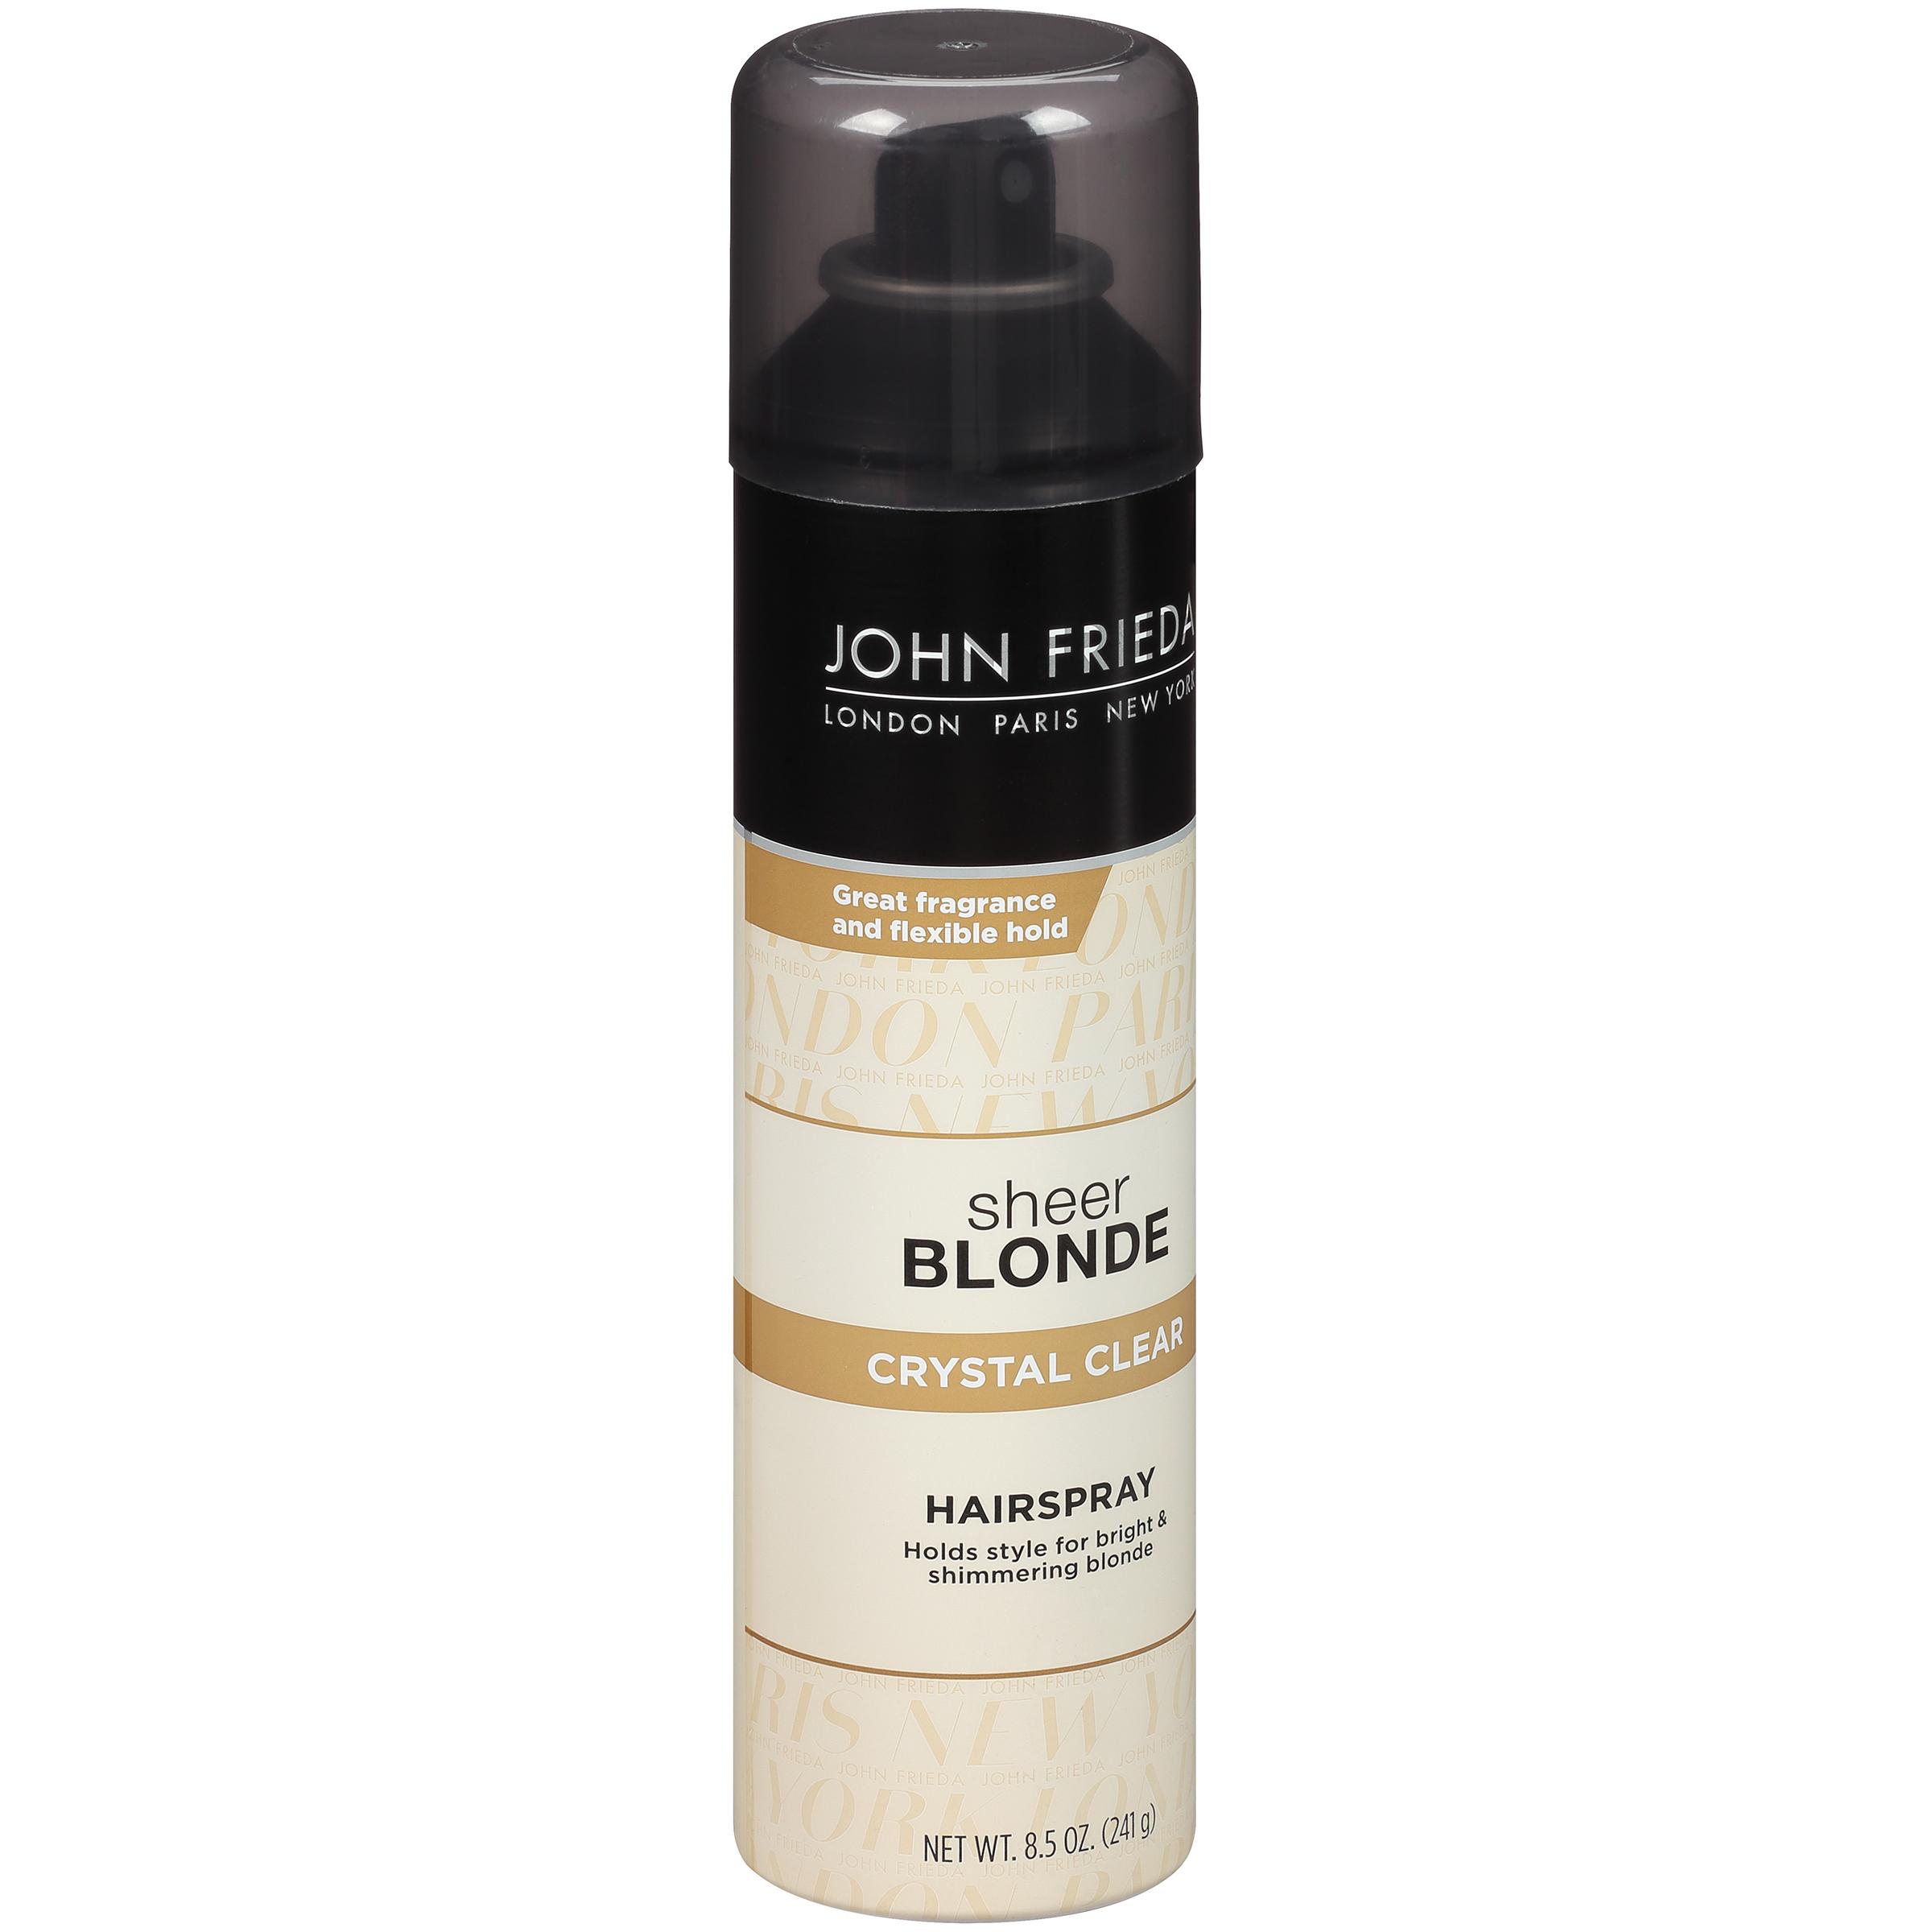 John Frieda Sheer Blonde Crystal Clear Hairspray 8.5 oz